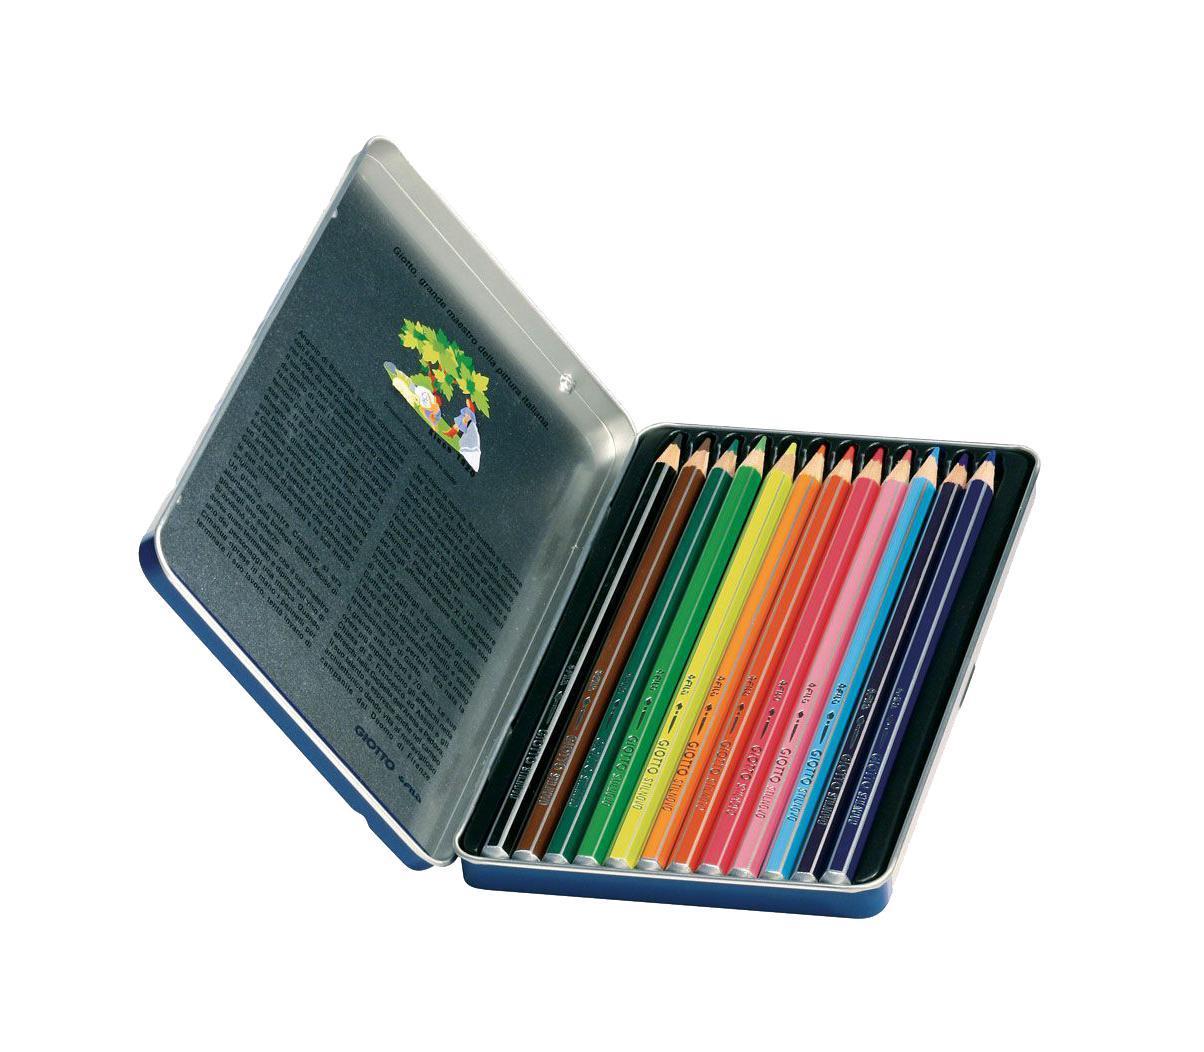 Цветные карандаши Giotto Stilnovo Acquarell,металлической упаковке, 12 цвета72523WDОт производителяЦветные карандаши Glotto Stilnovo Acquarell непременно, понравятся вашему юному художнику. Набор включает в себя 12 ярких насыщенных акварельных цветных карандаша гексагональной формы с серебряным нанесением по ребру грани. Идеально подходят для школы. Карандаши изготовлены из сертифицированного дерева, экологически чистые, имеют прочный неломающийся грифель, не требующий сильного нажатия и легко затачиваются. На рубашке карандаша имеется место для нанесения имени. Порадуйте своего ребенка таким восхитительным подарком! Набор упакован в удобную металлическую коробку. Цветные карандаши Glotto Stilnovo Acquarell непременно, понравятся вашему юному художнику. Набор включает в себя 12 ярких насыщенных акварельных цветных карандаша гексагональной формы с серебряным нанесением по ребру грани. Идеально подходят для школы. Карандаши изготовлены из сертифицированного дерева, экологически чистые, имеют прочный неломающийся грифель, не требующий сильного нажатия и легко затачиваются. На рубашке карандаша имеется место для нанесения имени. Порадуйте своего ребенка таким восхитительным подарком! Набор упакован в удобную металлическую коробку. Характеристики:Материал:дерево, грифель. Диаметр карандаша:0,7 см. Длина карандаша:18 см. Размер упаковки:18,5 см х 11 см х 1 см. Изготовитель:Китай.